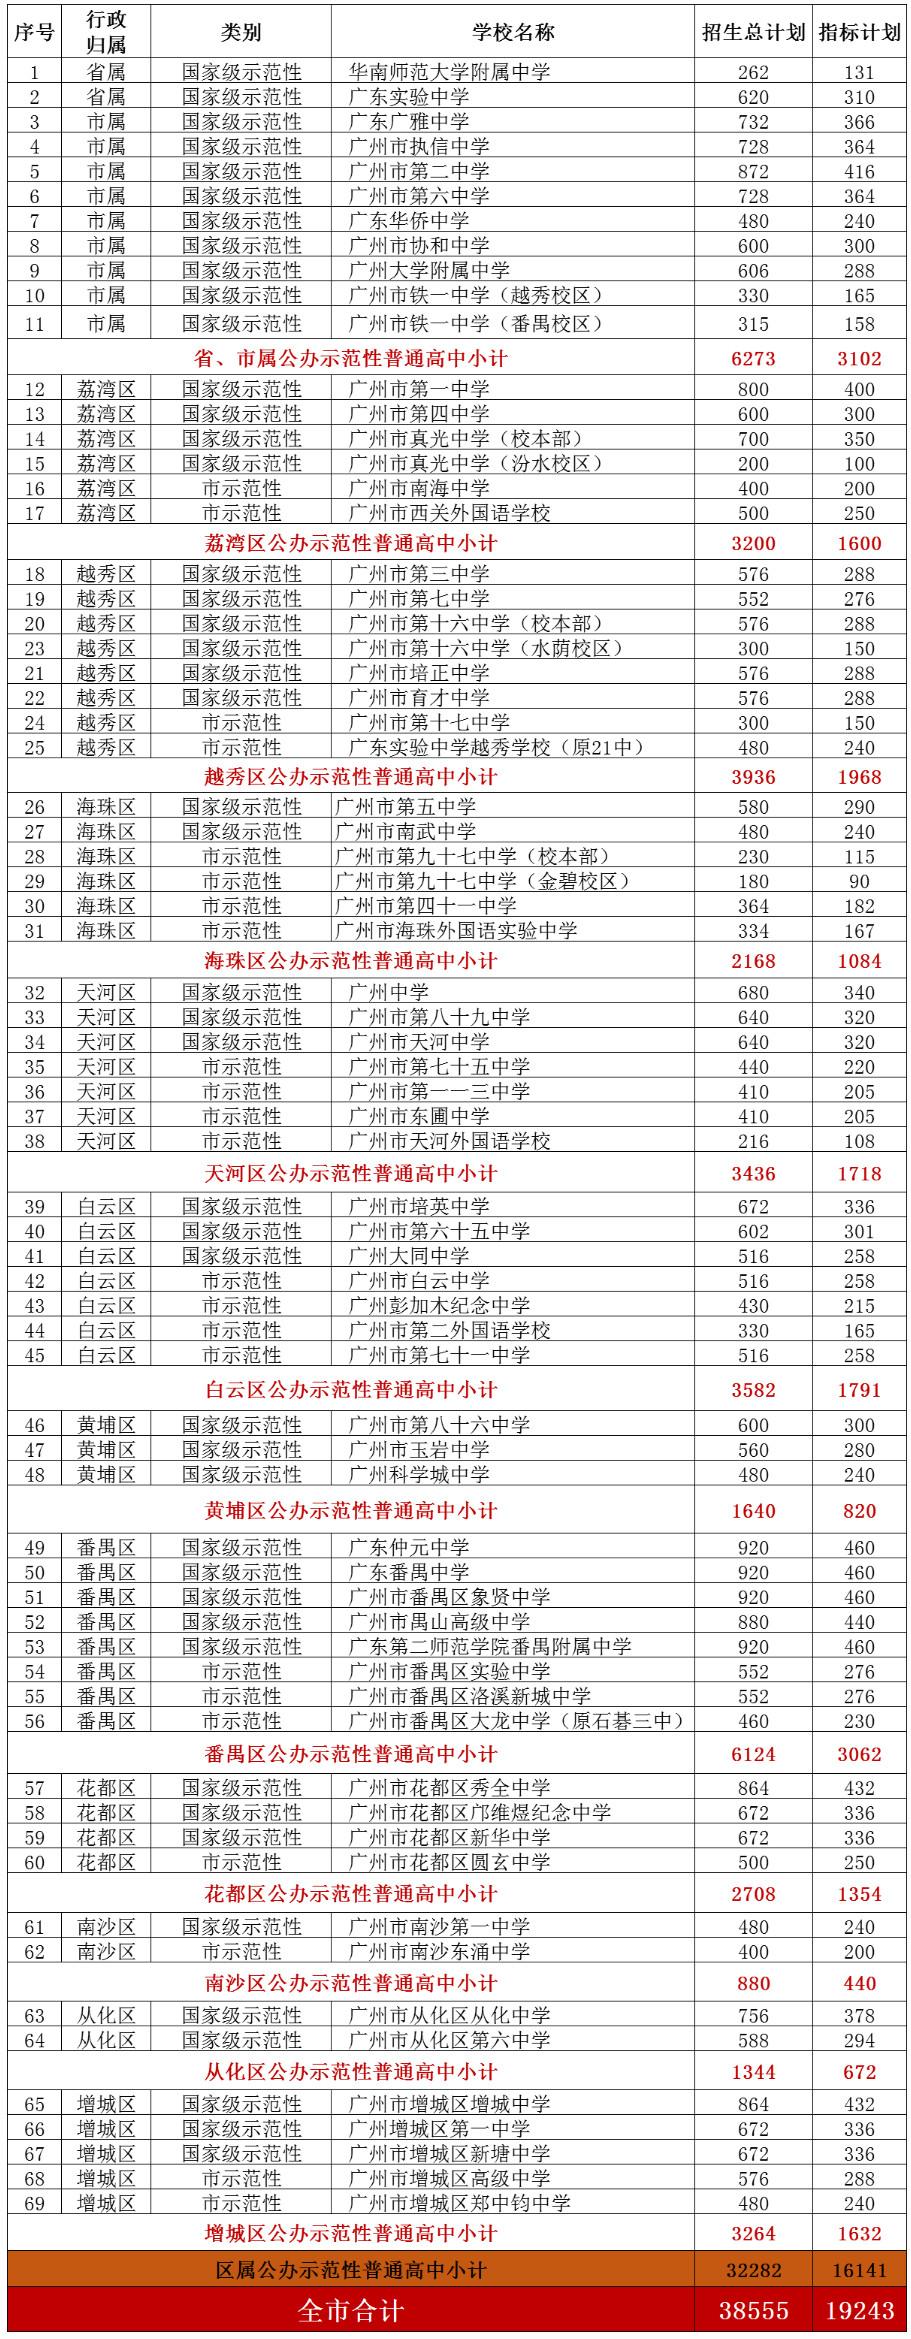 2019年中考广州市示范性高中招生计划汇总